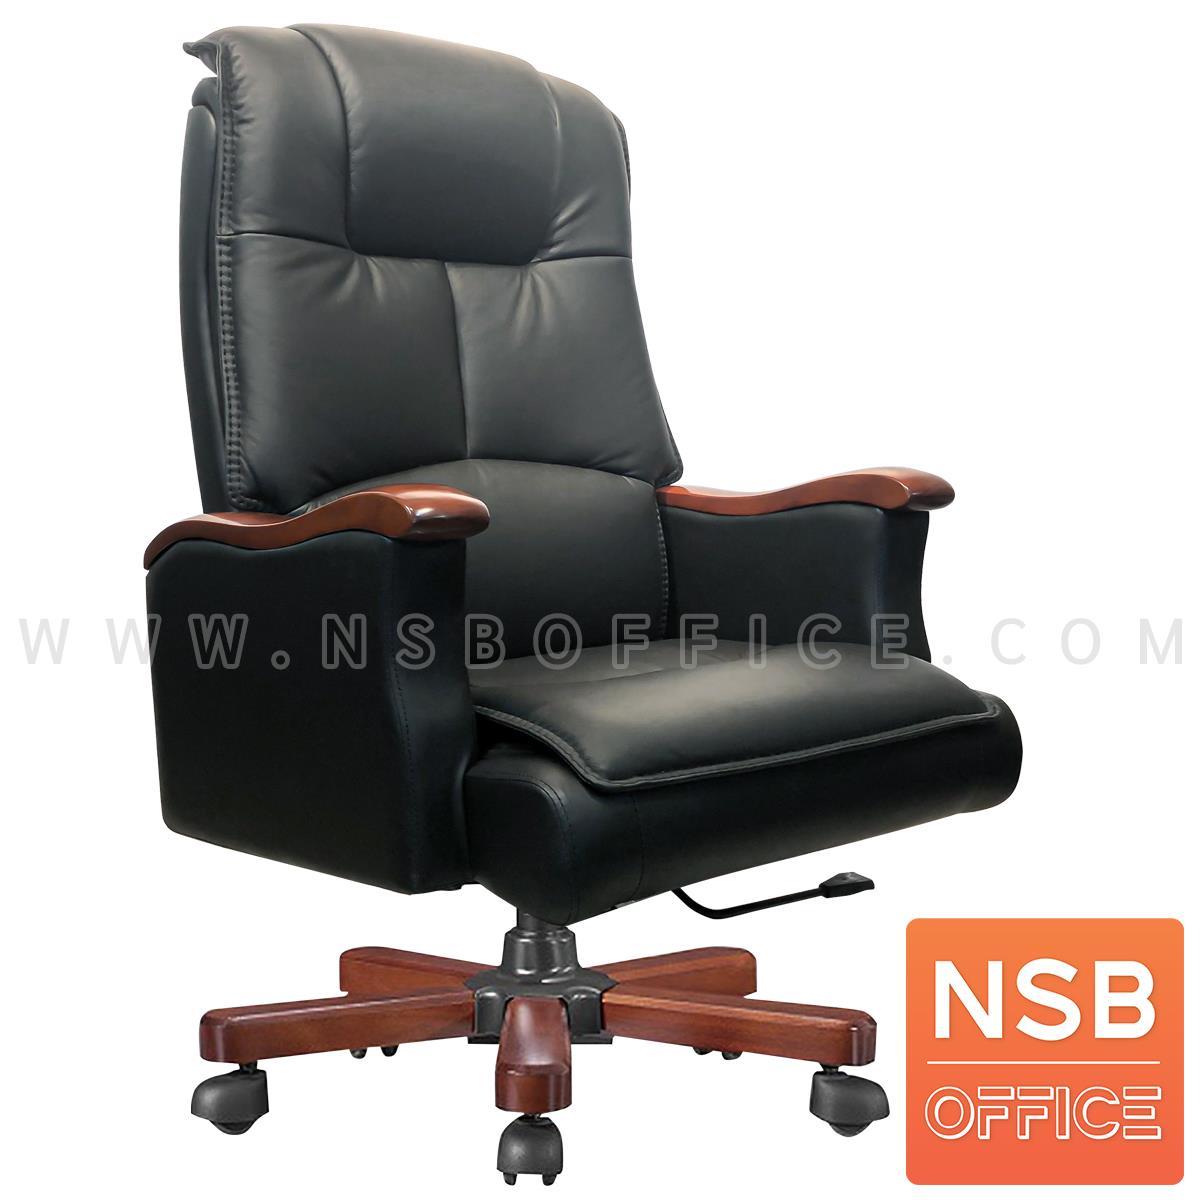 B25A153:เก้าอี้ผู้บริหารหนังแท้ รุ่น Classviva (คลาสวีว่า)  แขน-ขาไม้